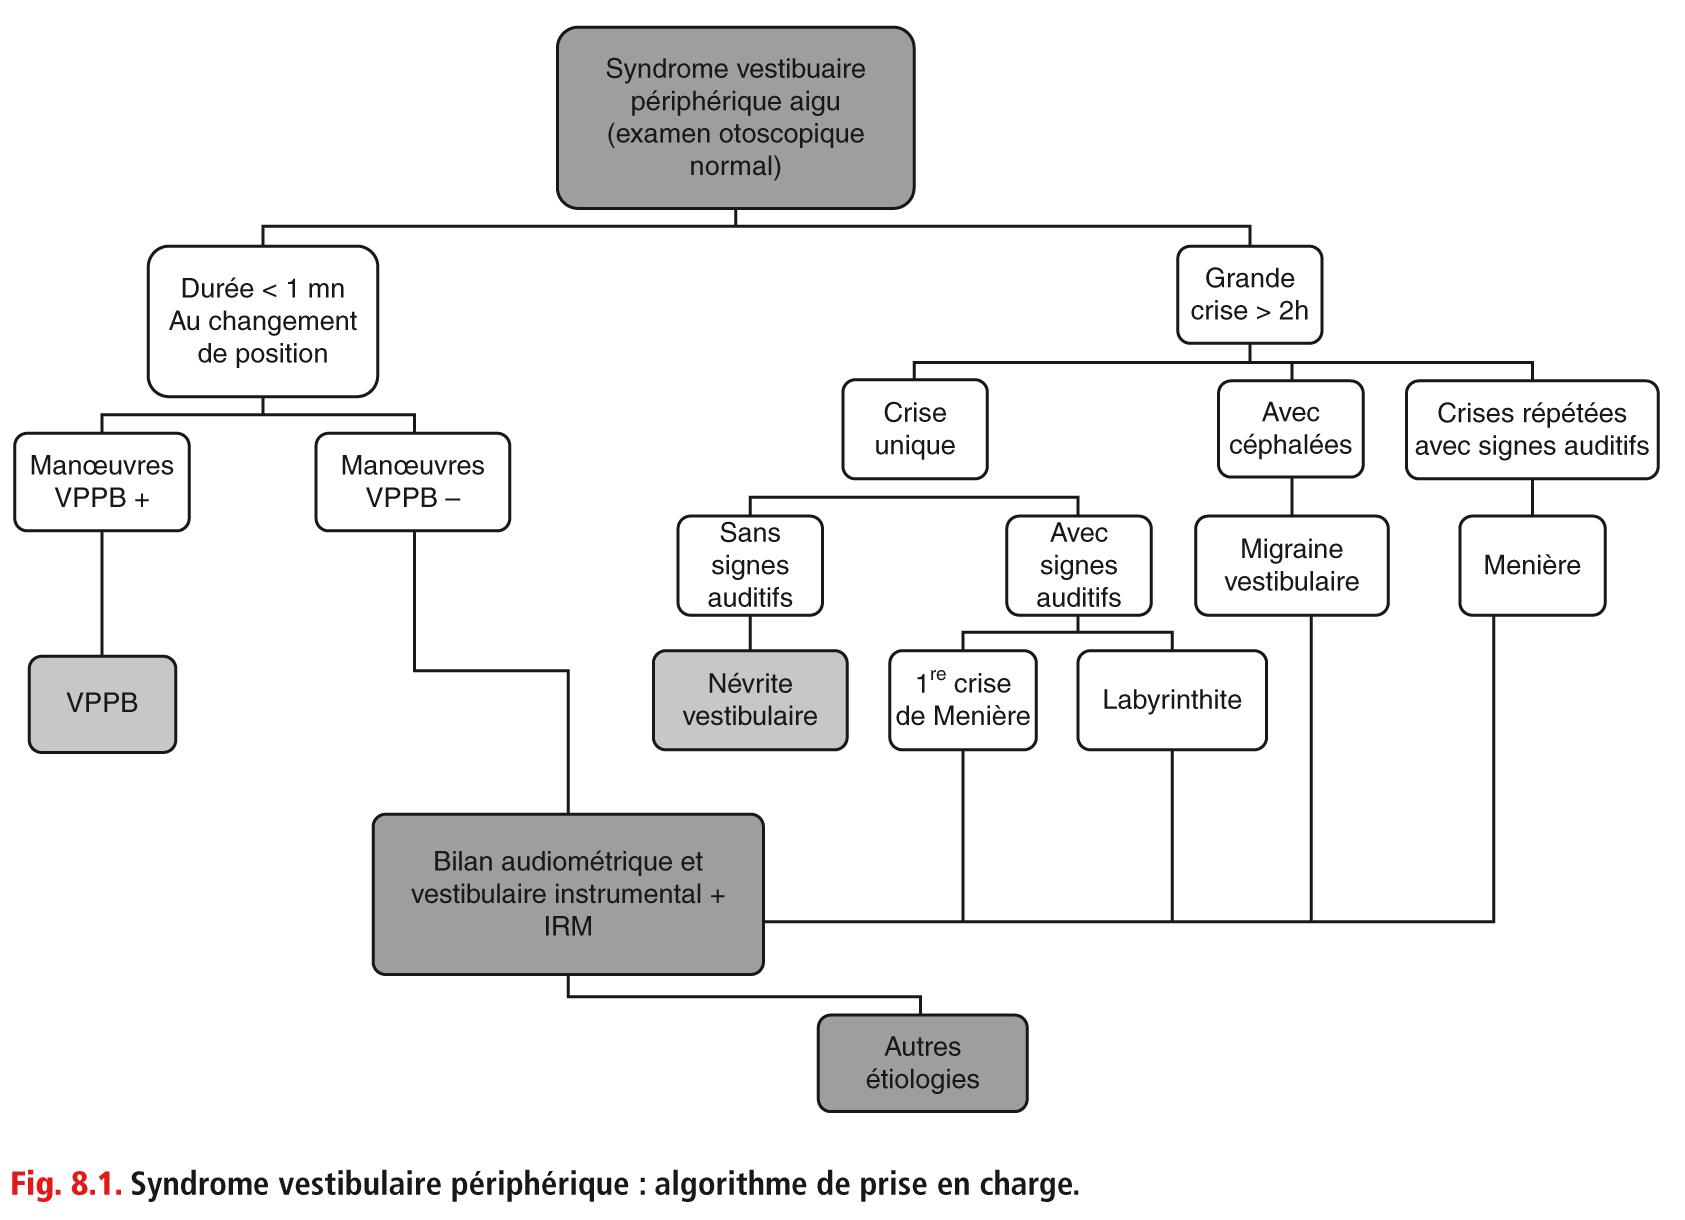 Fig. 8.1. Syndrome vestibulaire périphérique : algorithme de prise en charge.